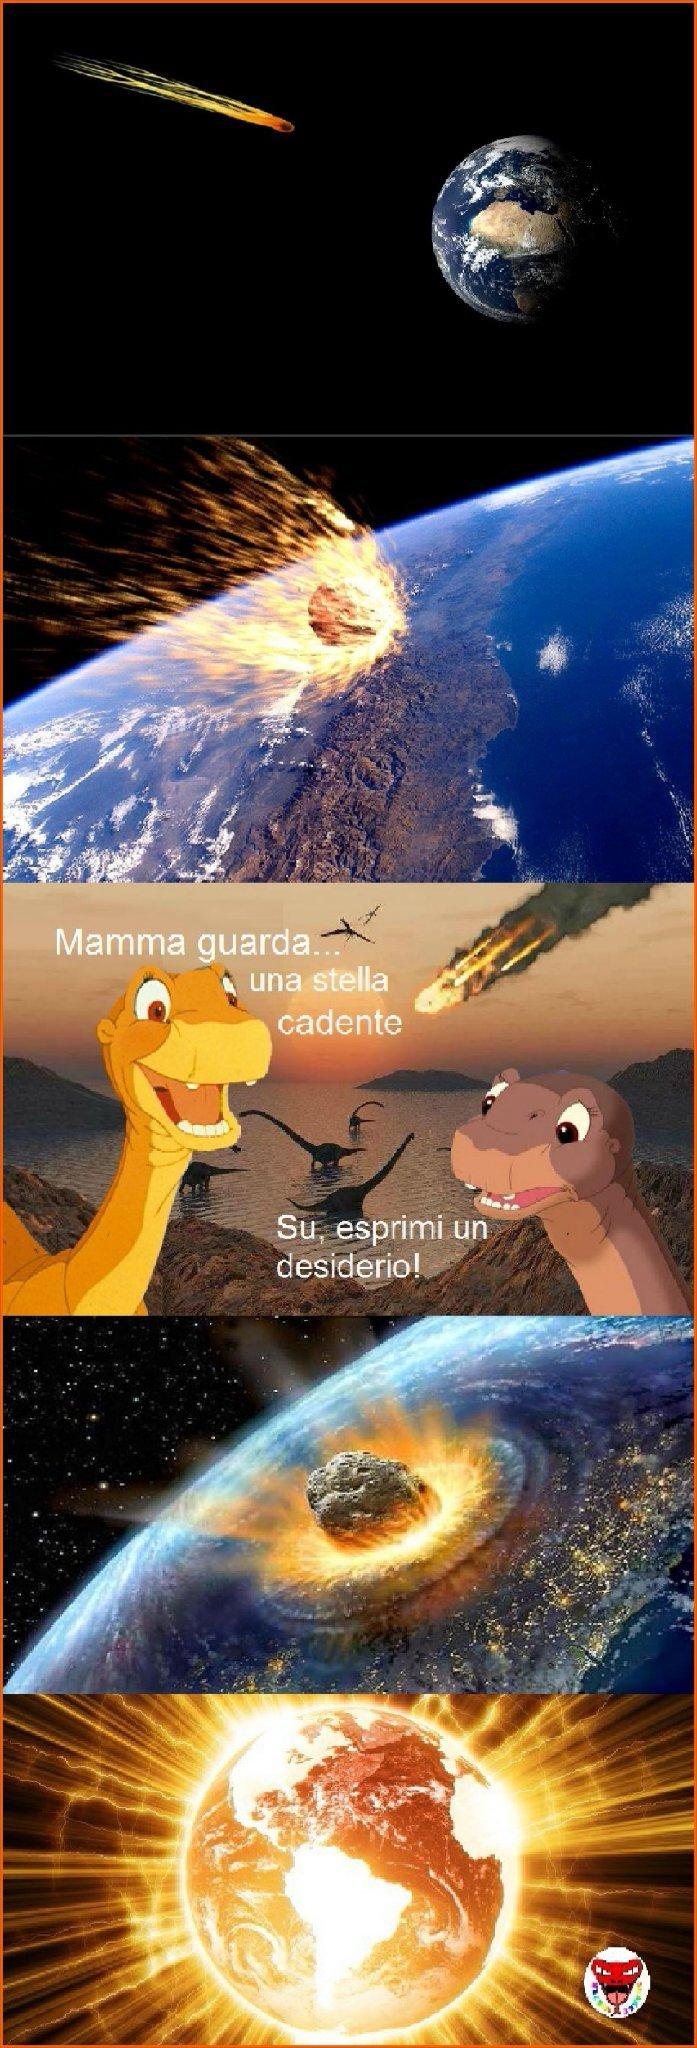 L'urto con un meteorite è una ipotesi della totale estinzione dei dinosauri... - meme